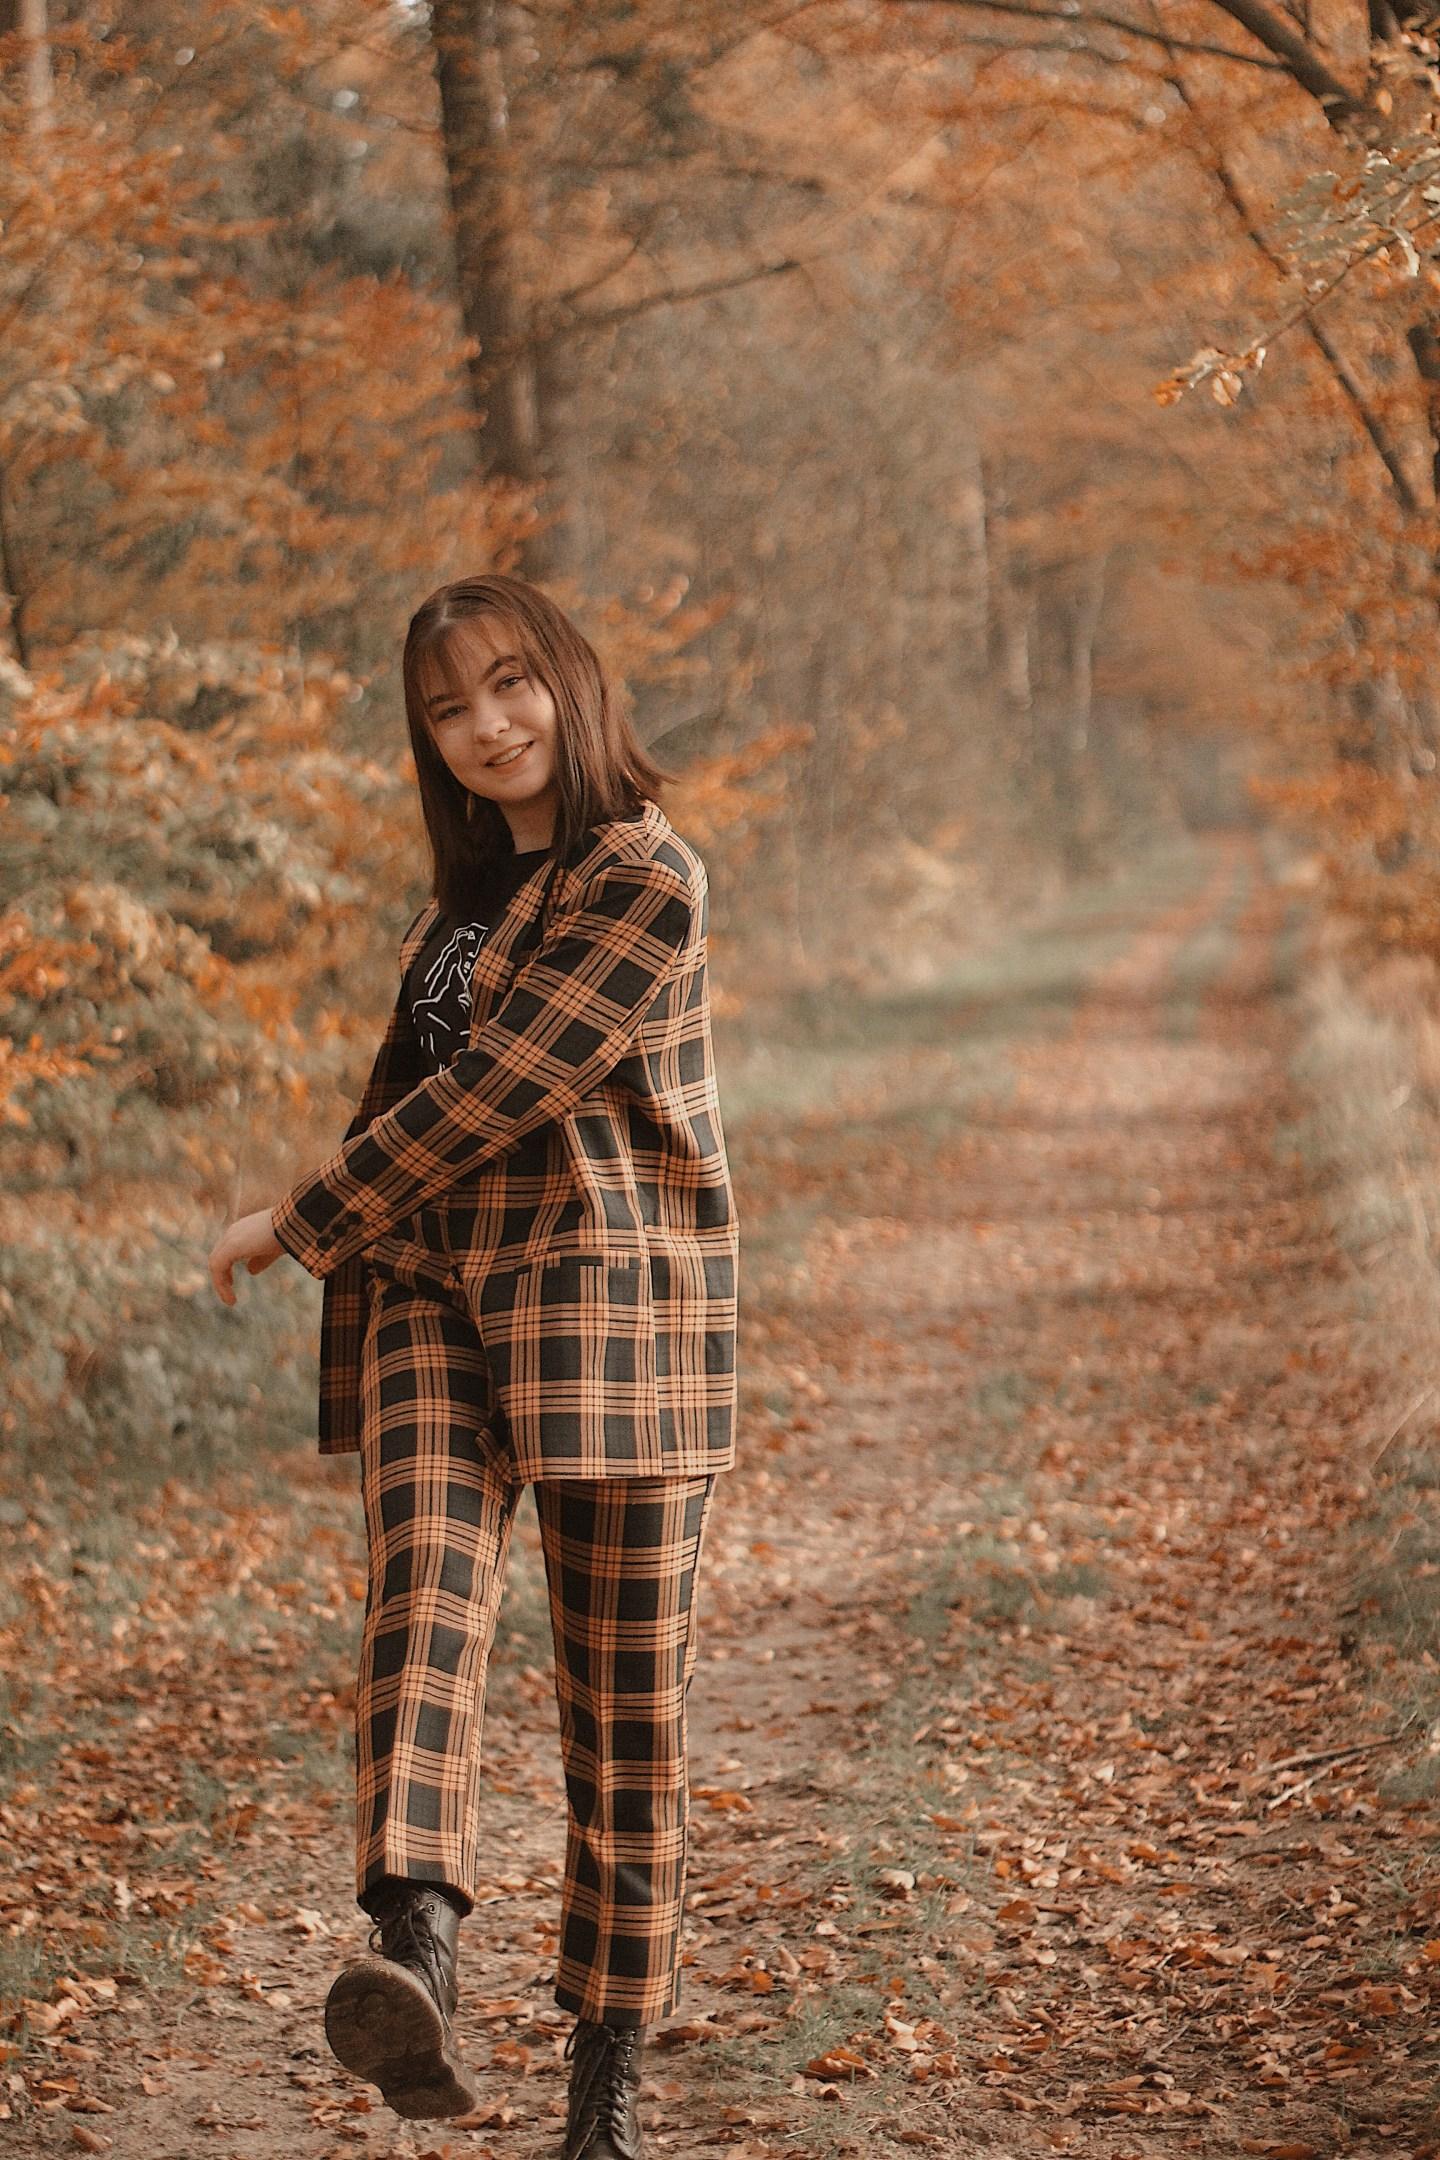 Suit: lachend meisje met tweedelig pak aan in bos en schopt blaadjes weg